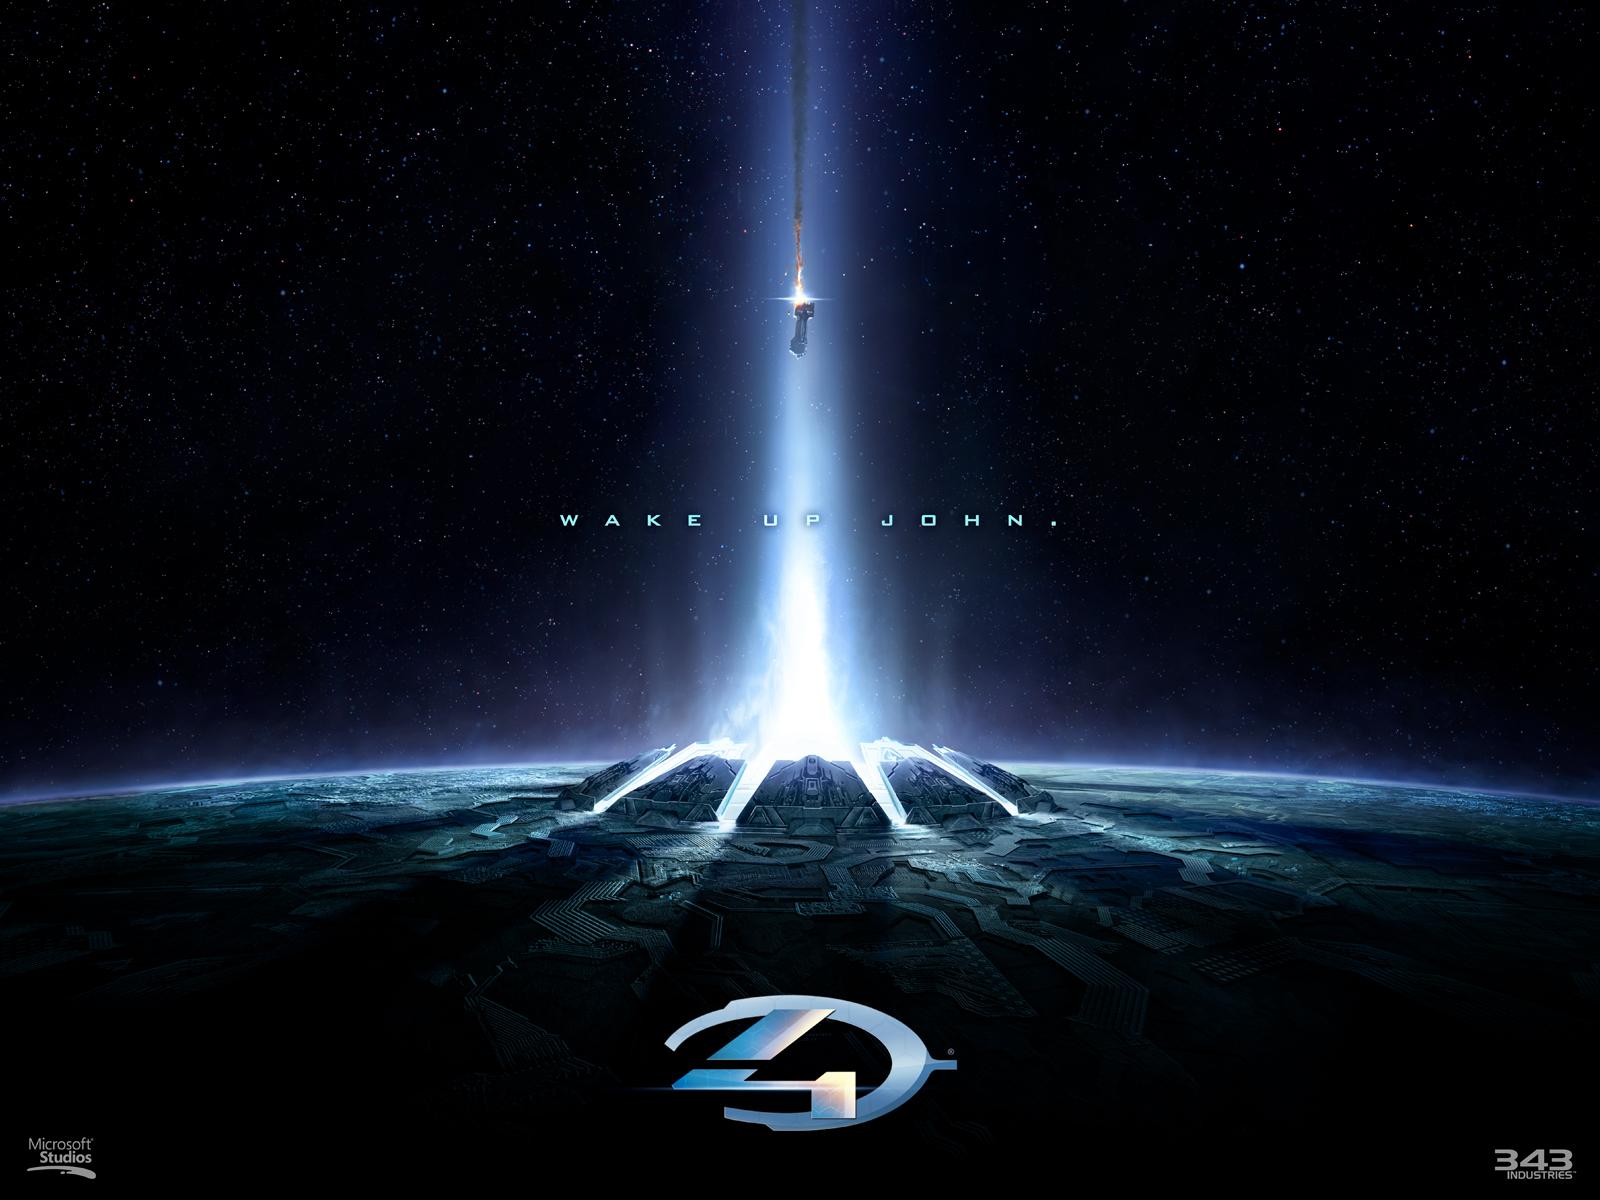 Halo 4 Master Chief Wallpapers C a r W a l l p a p e r 2014 1600x1200